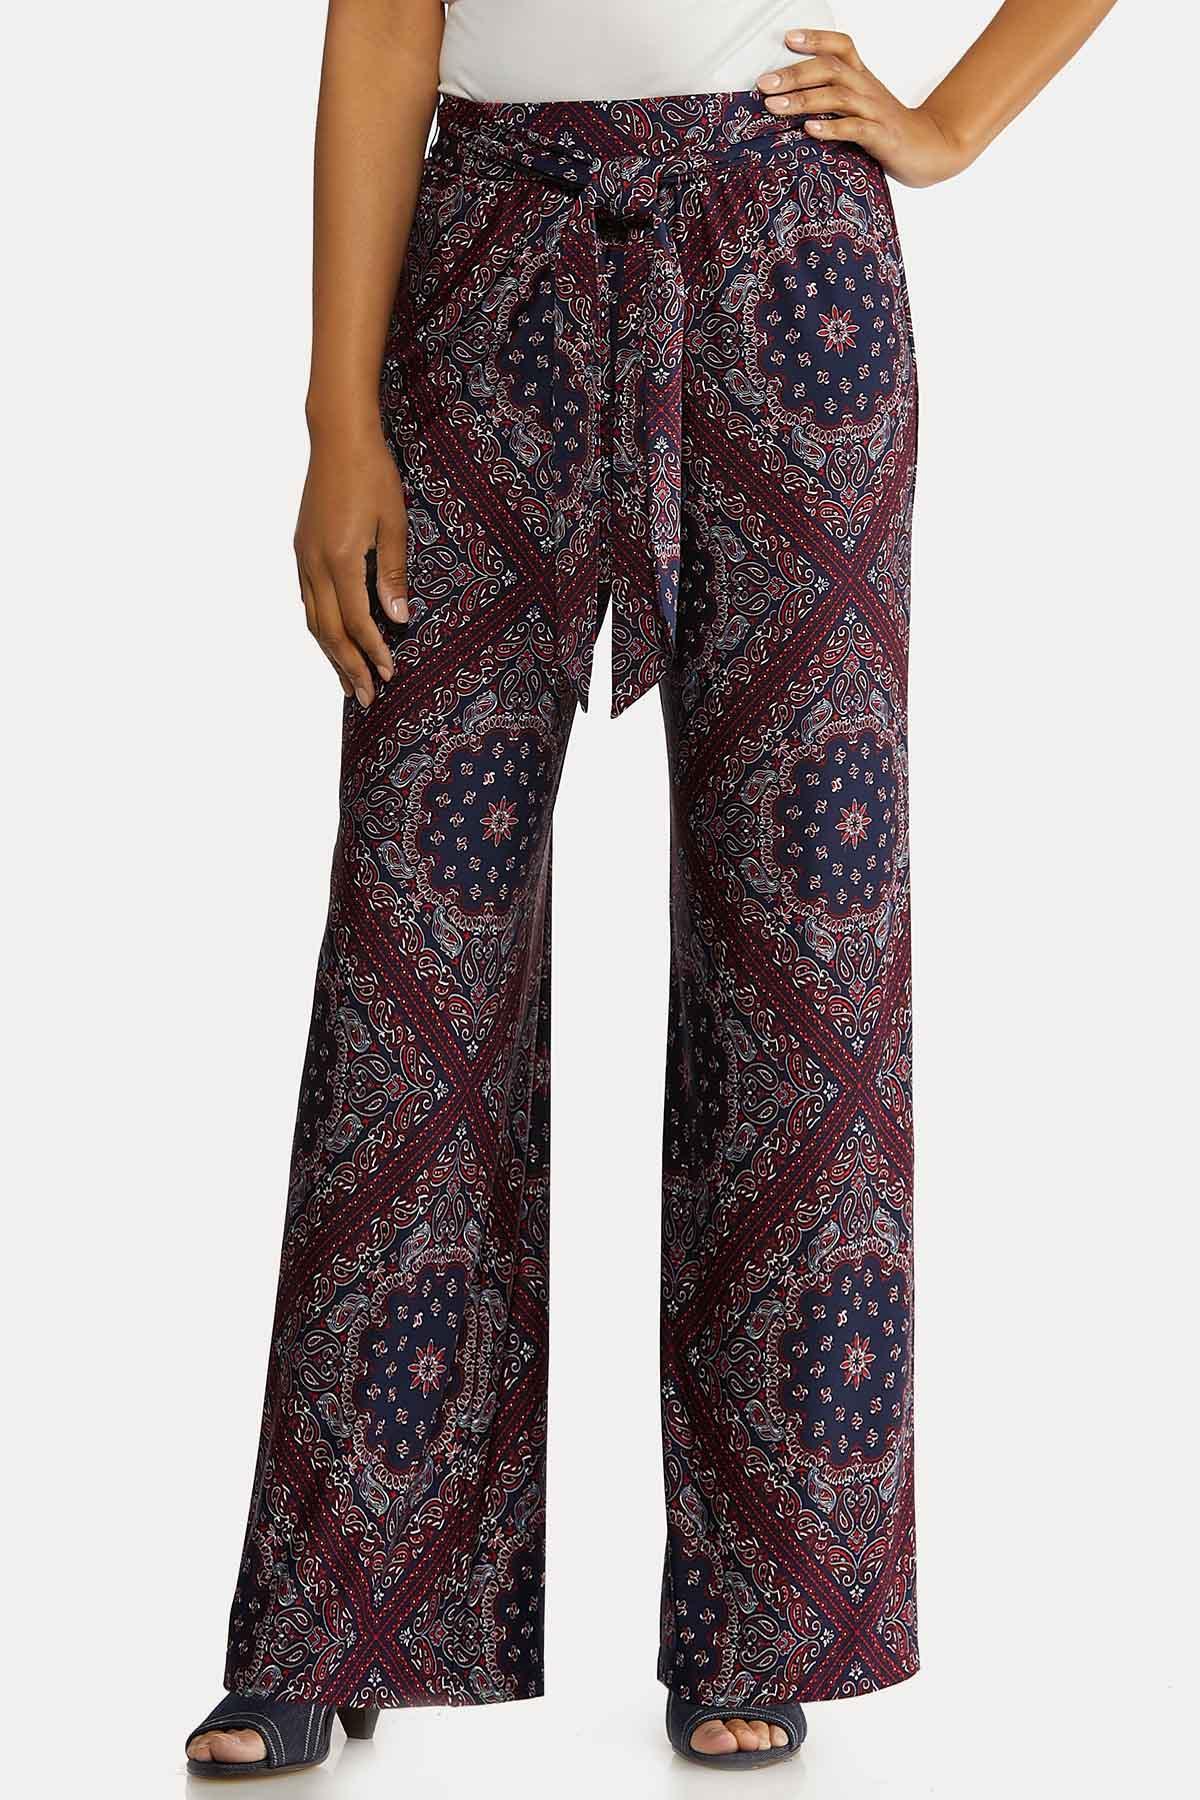 Moroccan Tie Front Pants